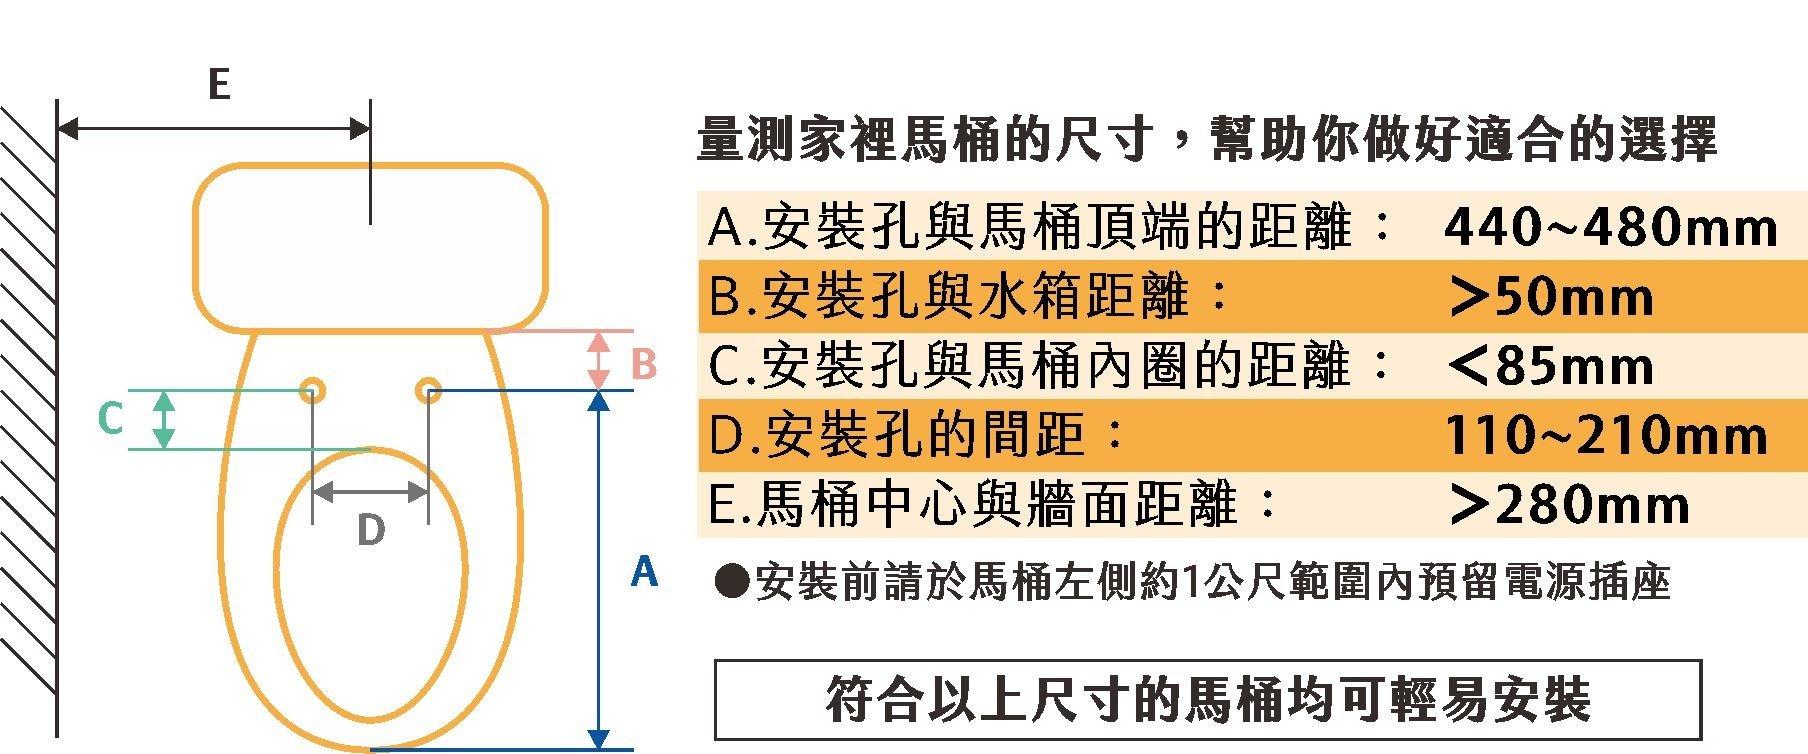 FASTWASH_智畢潔_瞬熱式電腦馬桶座_型號規格比較表